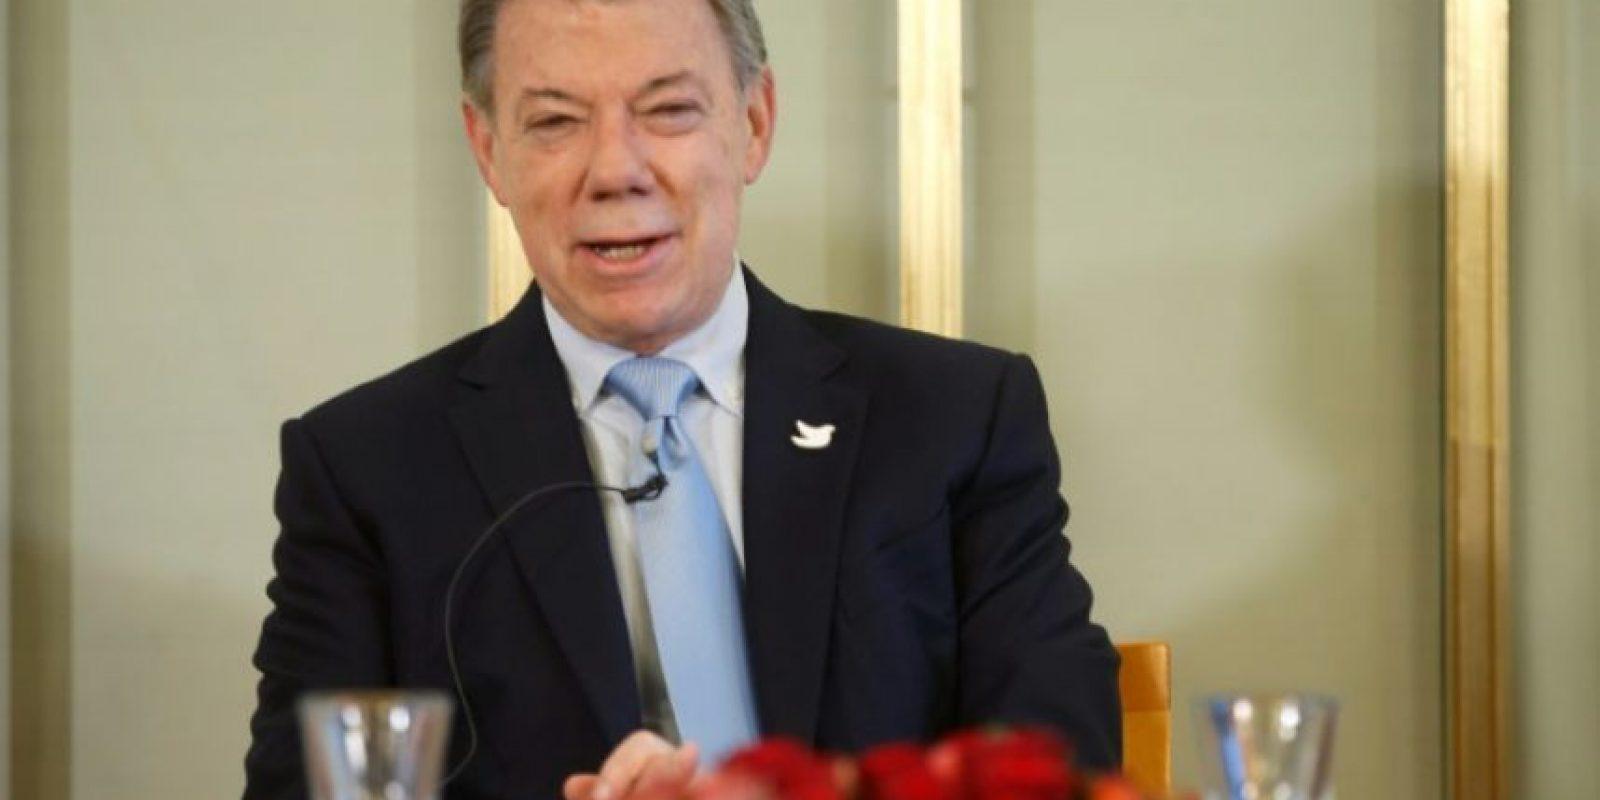 El laureado con el premio Nobel de la Paz y presidente de Colombia, Juan Manuel Santos, habla durante una rueda de prensa en el Instituto Nobel Noruego, en Oslo, el 9 de diciembre de 2016 Foto:Terje Pedersen/afp.com